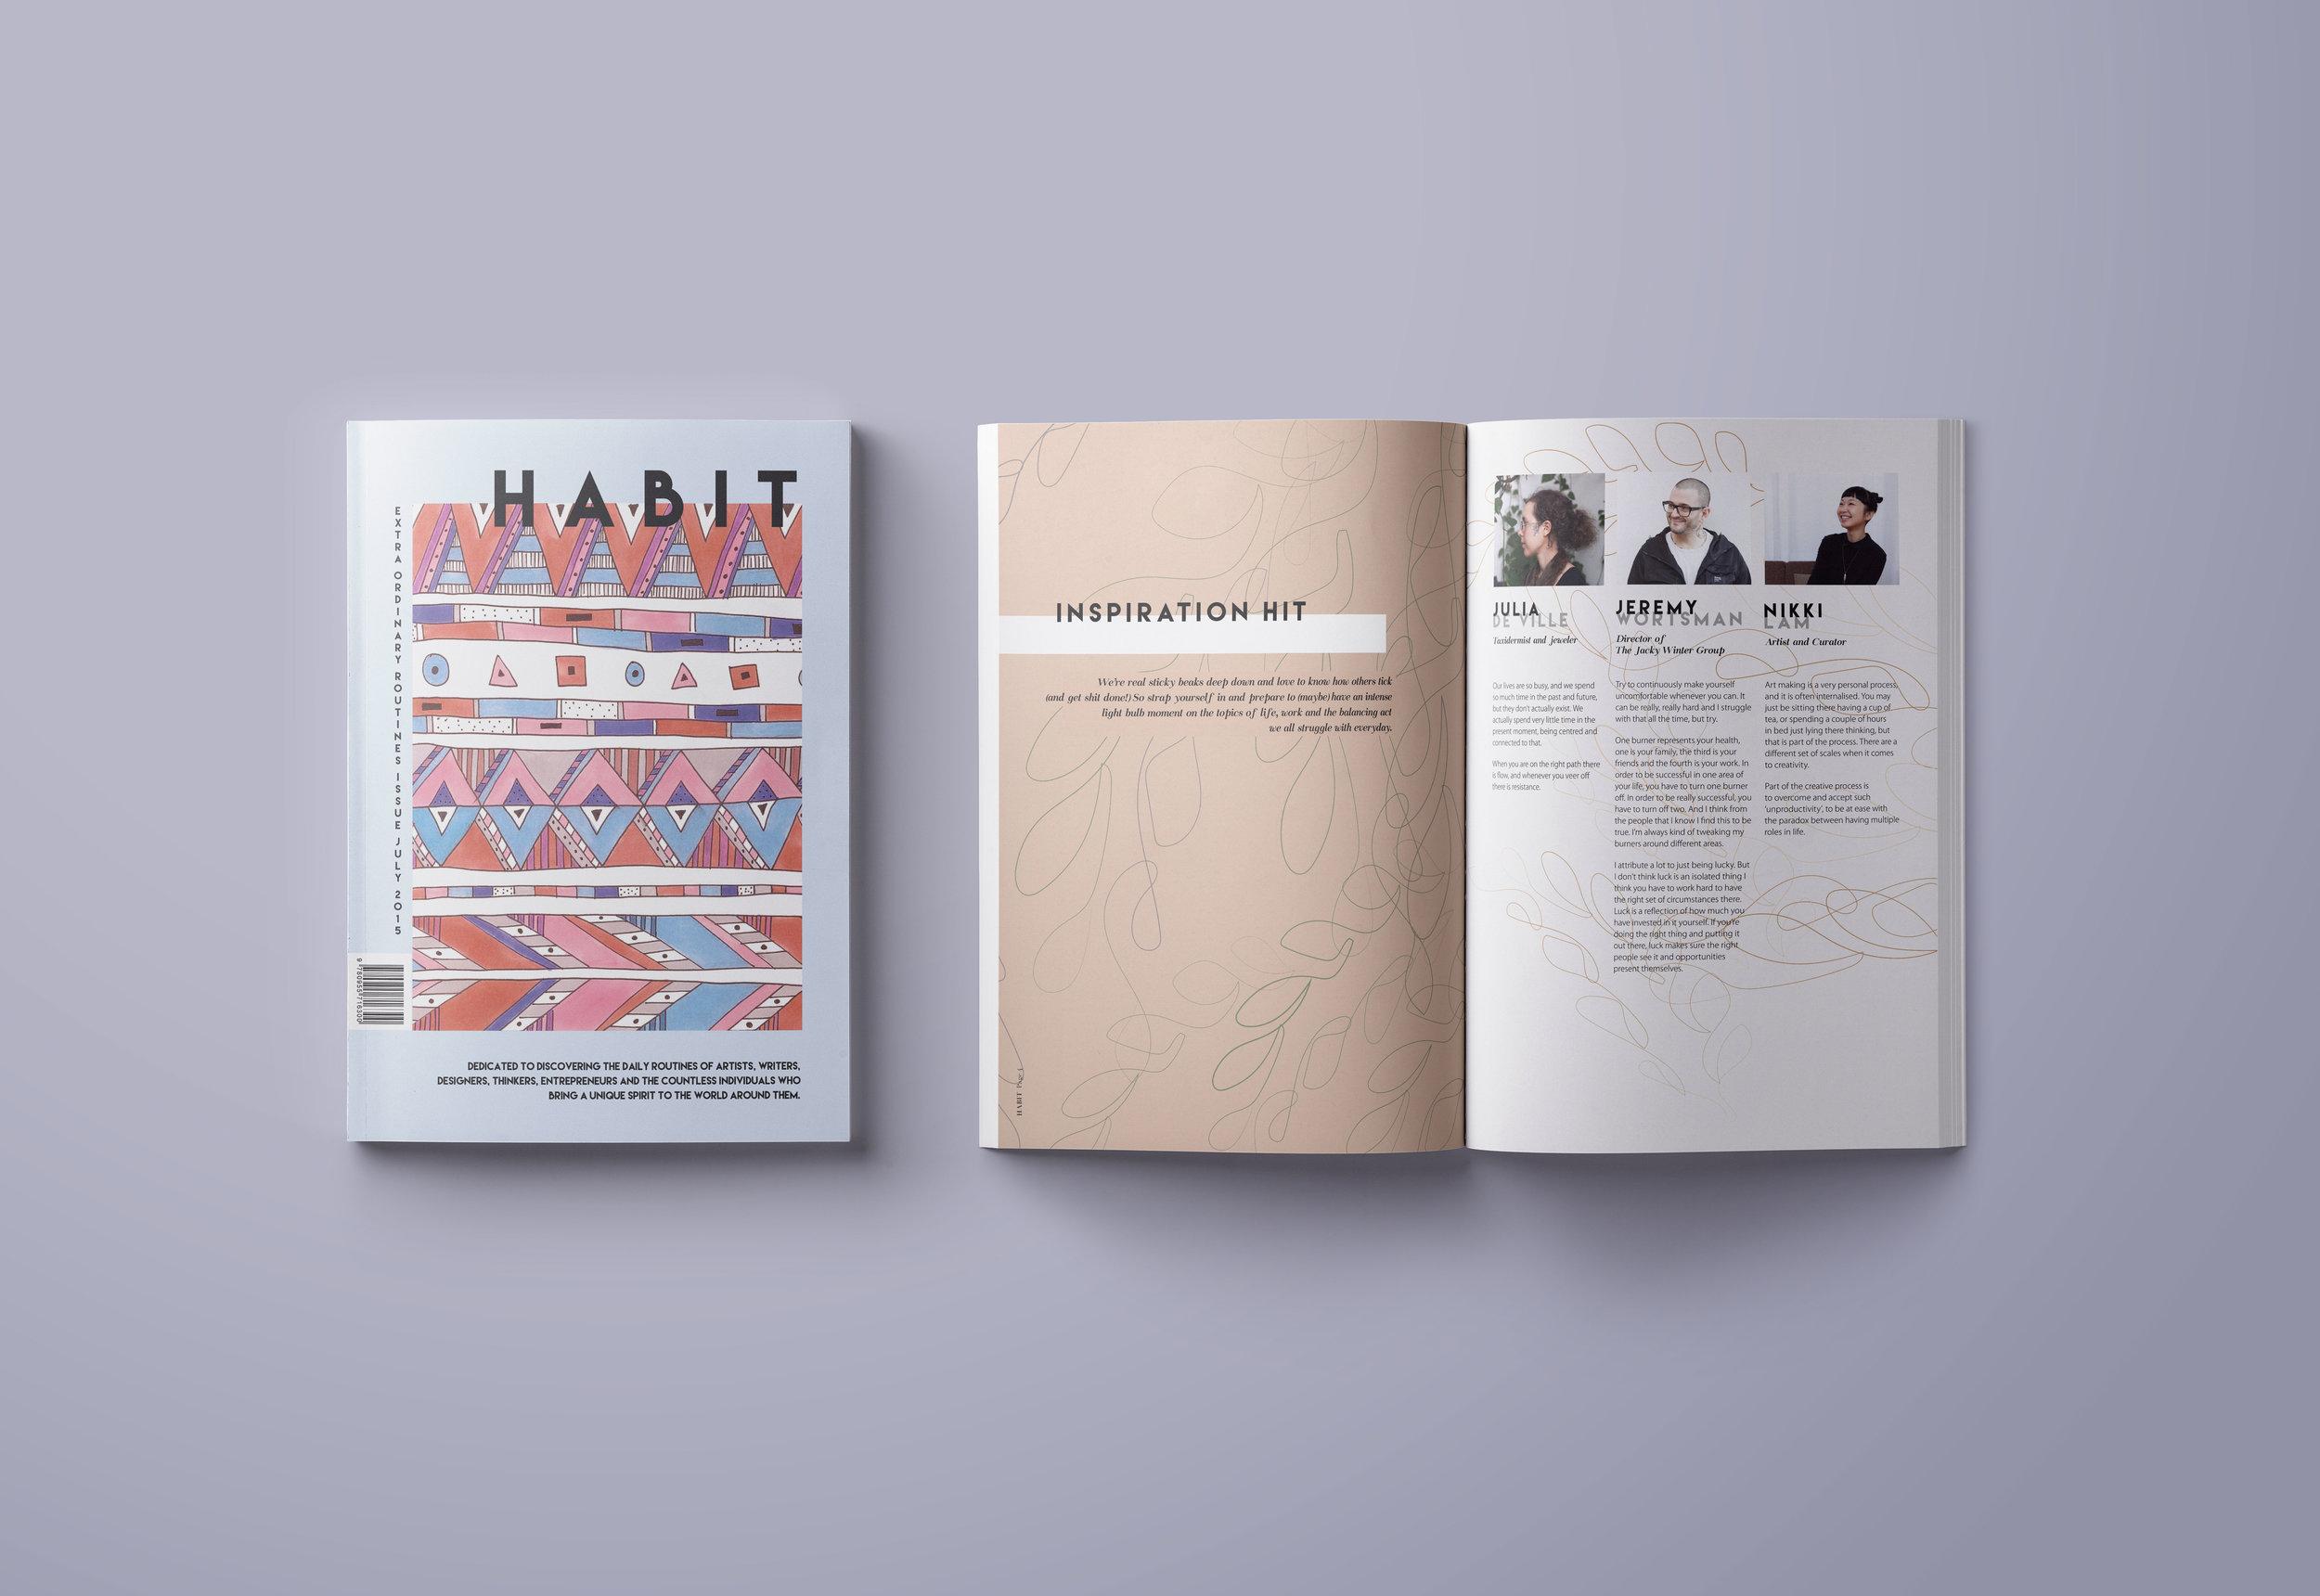 HABIT_Magazine-Mockup_FRONT-1,2.jpeg